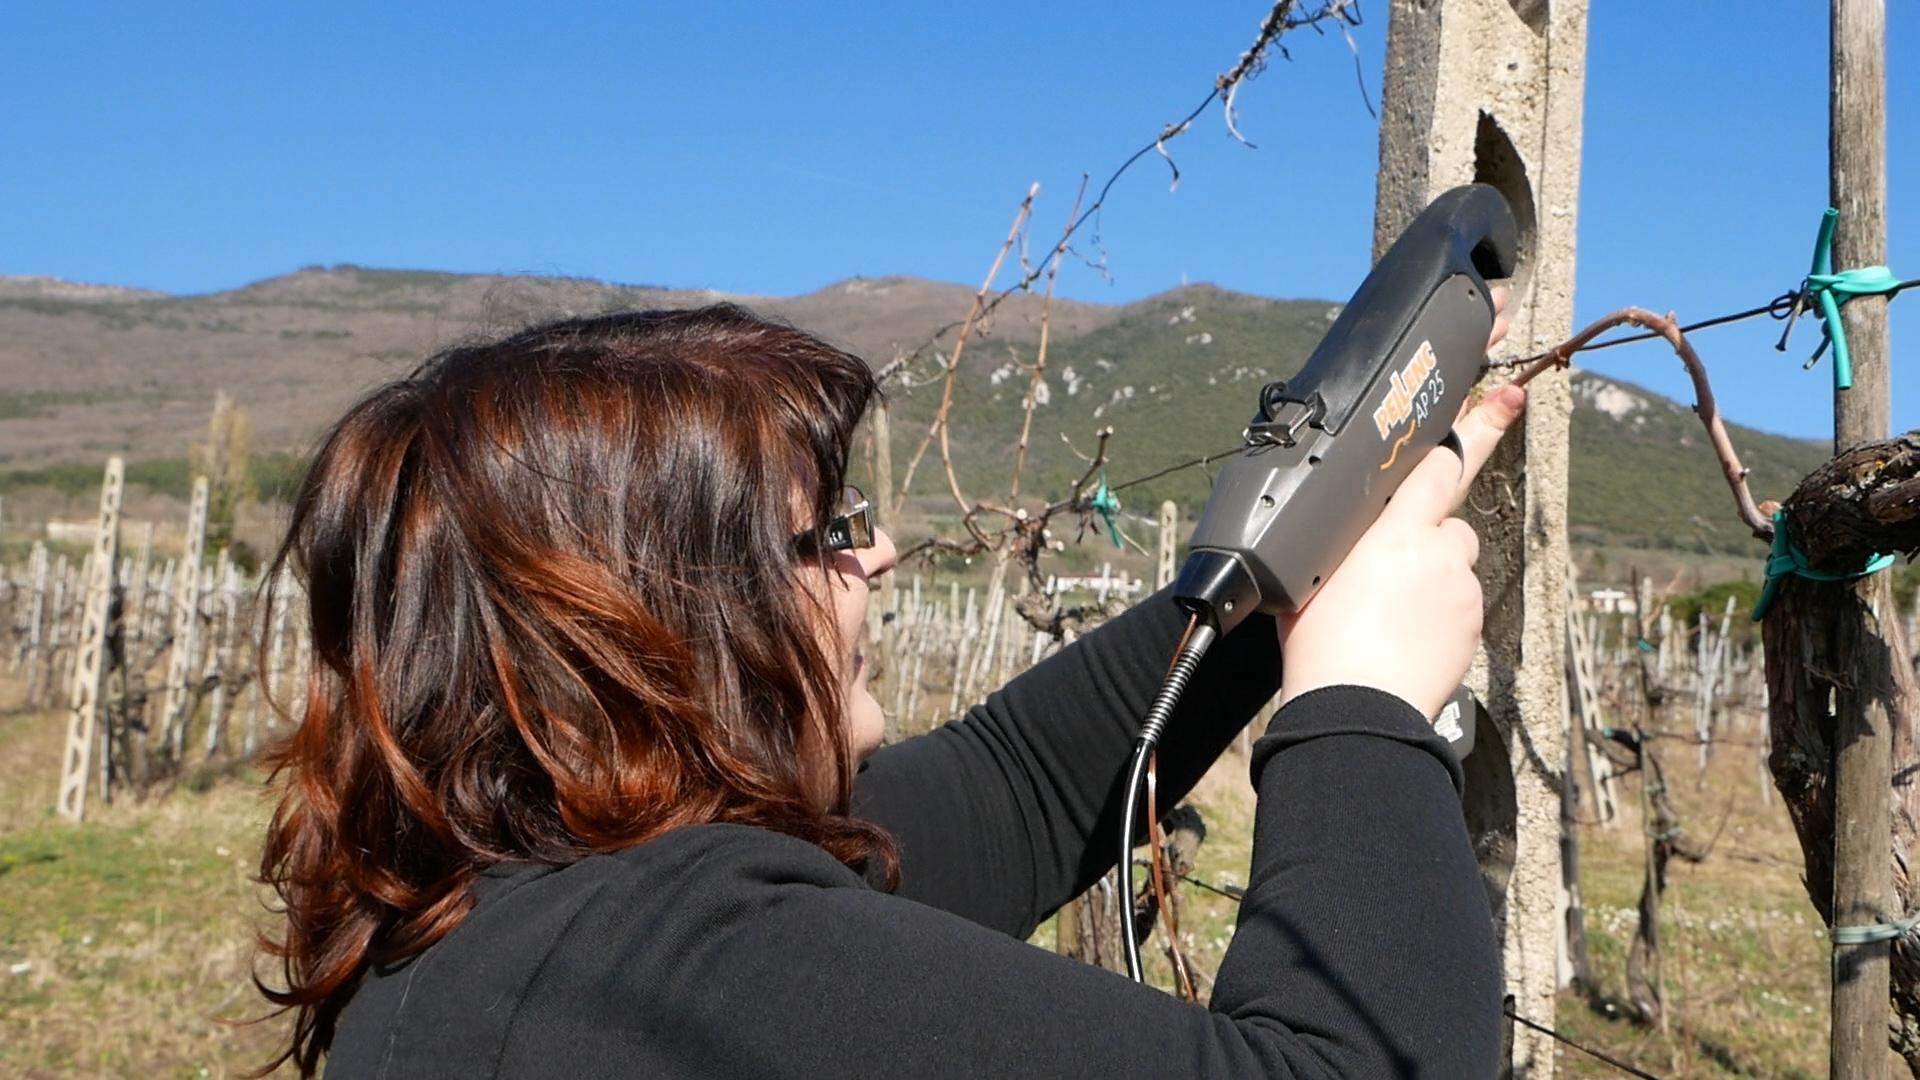 Esperienza sensoriale Assisi Tili Vini - Mastro potatore per un giorno 1